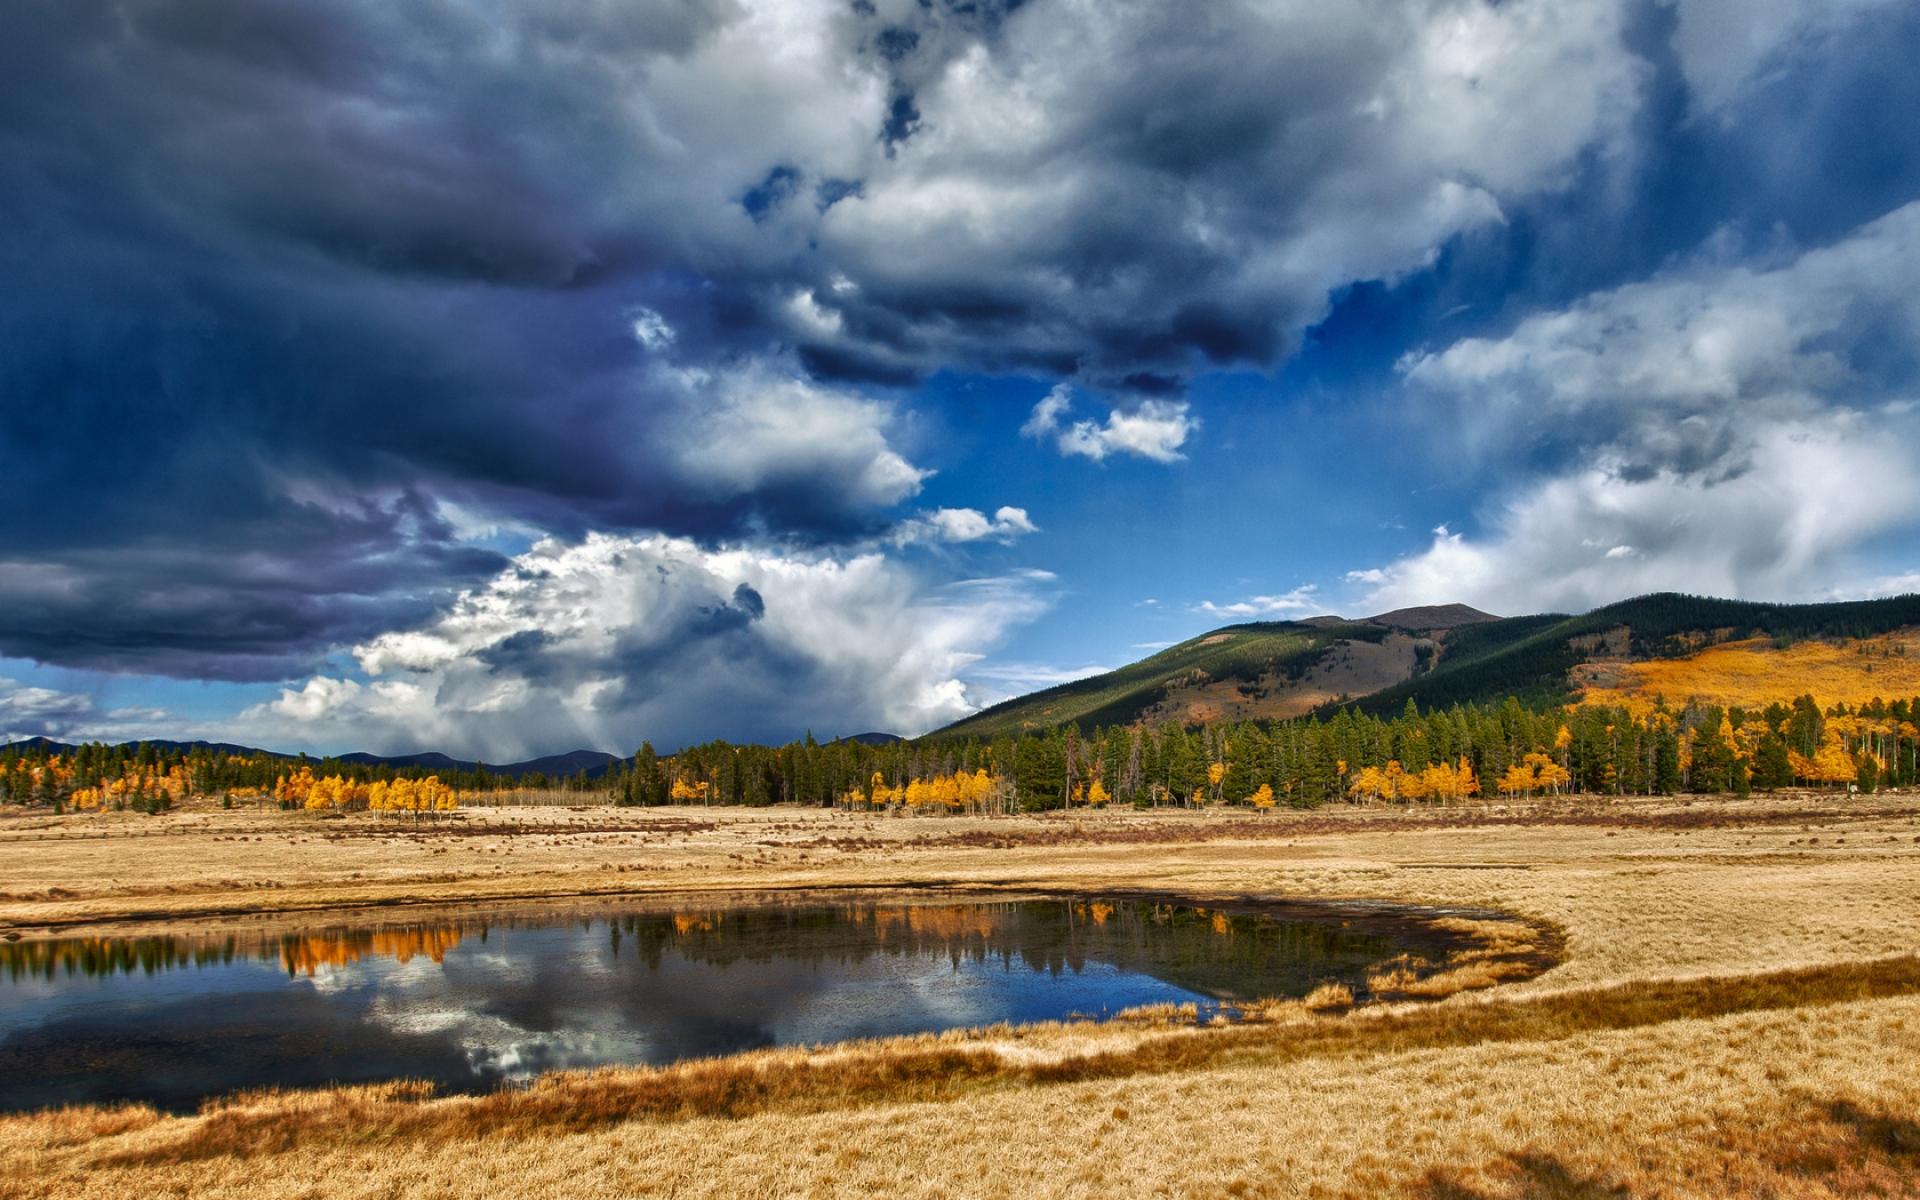 Картинки Пейзаж, поле, тень, горы, облака, тяжелый, небо, облачно фото и обои на рабочий стол